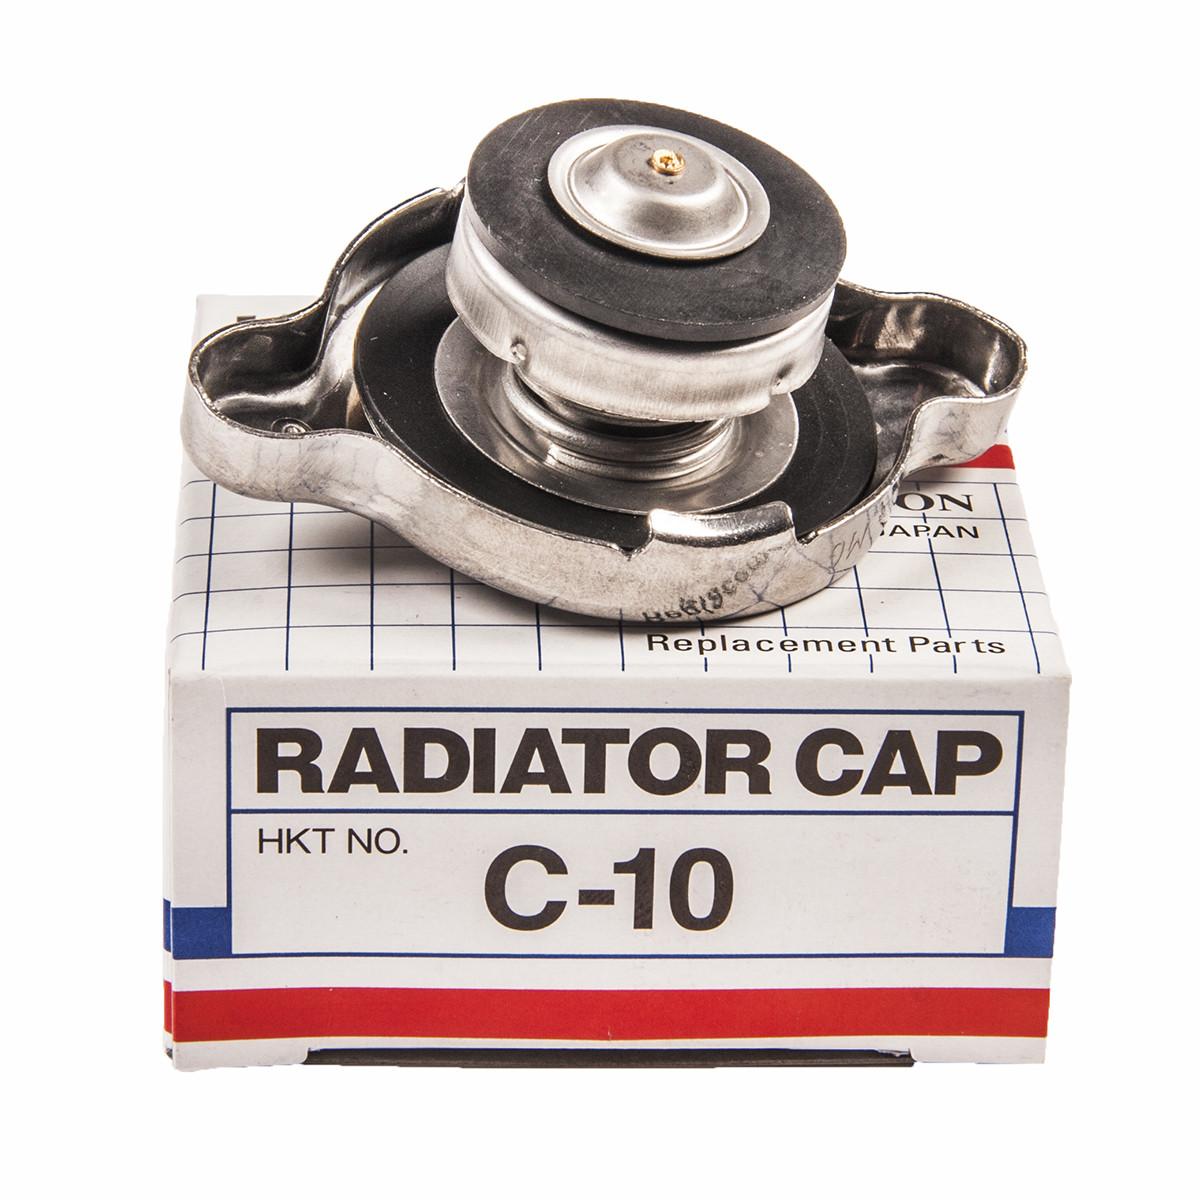 Крышка радиатора HKT (Япония) C-10 0.9kg/m2 маленький TOYOTA, HONDA, MAZDA, SUBARU, NISSAN, ISUZU, SUZUKI